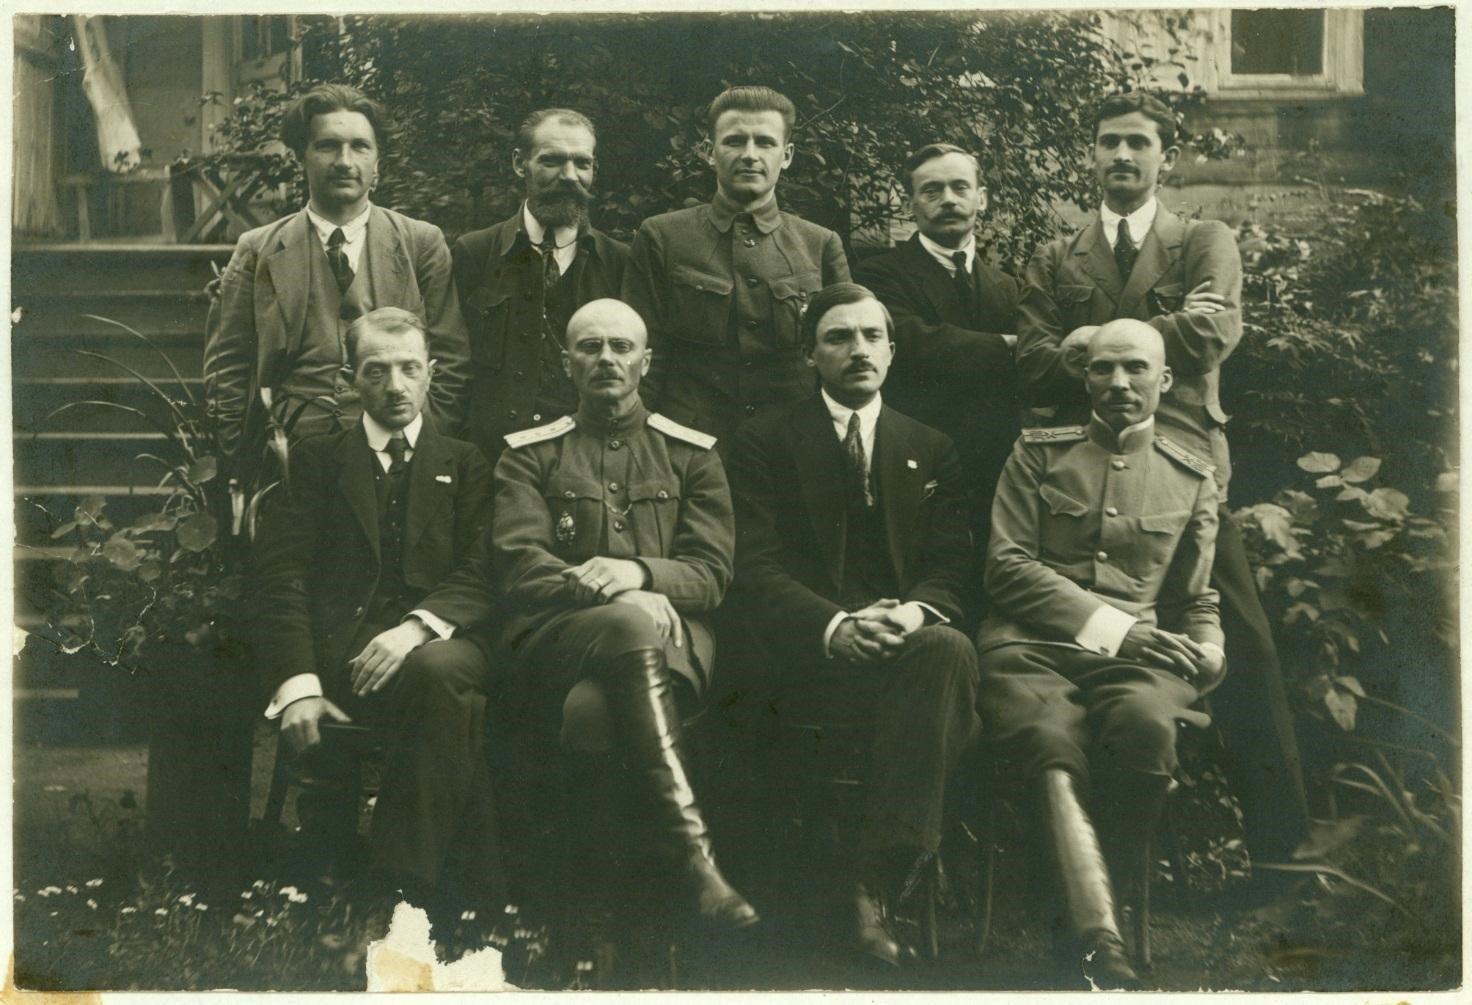 Правительство БНР при немецкой оккупационной администрации, Минск, 1918 год.